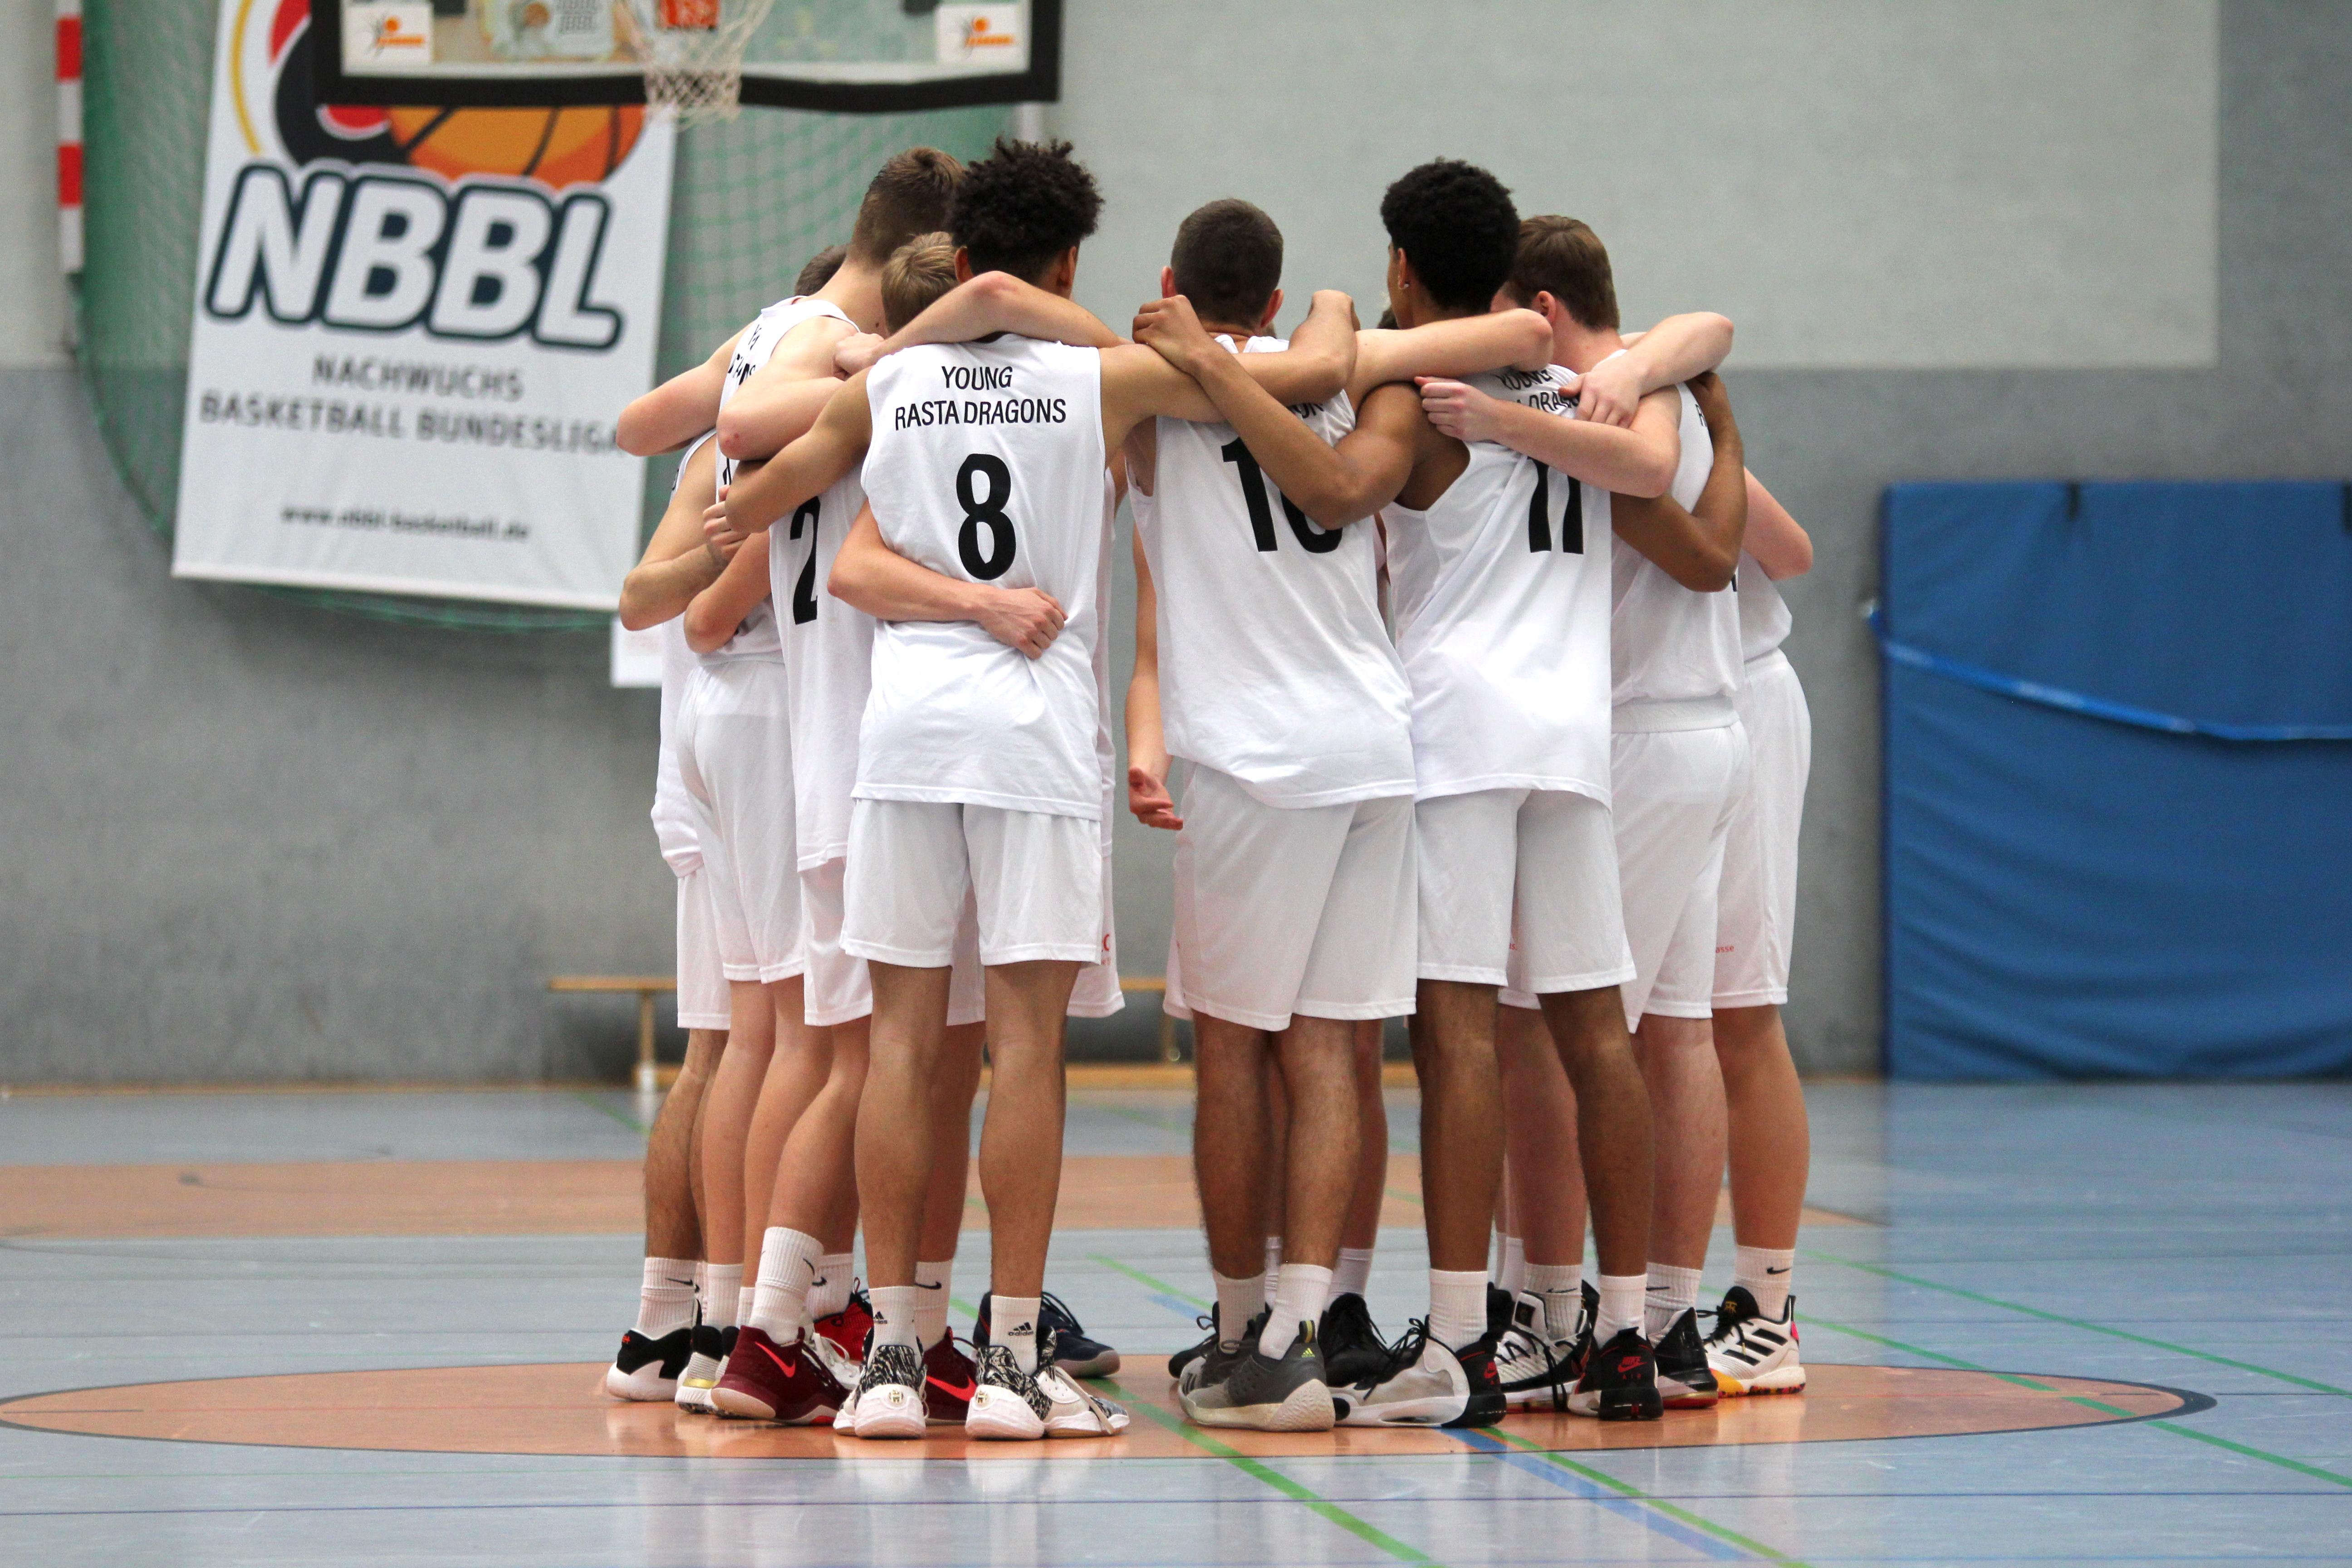 NBBL_20-21_YOUNG-RASTA-DRAGONS_Münster_Spieltag1_Schluss